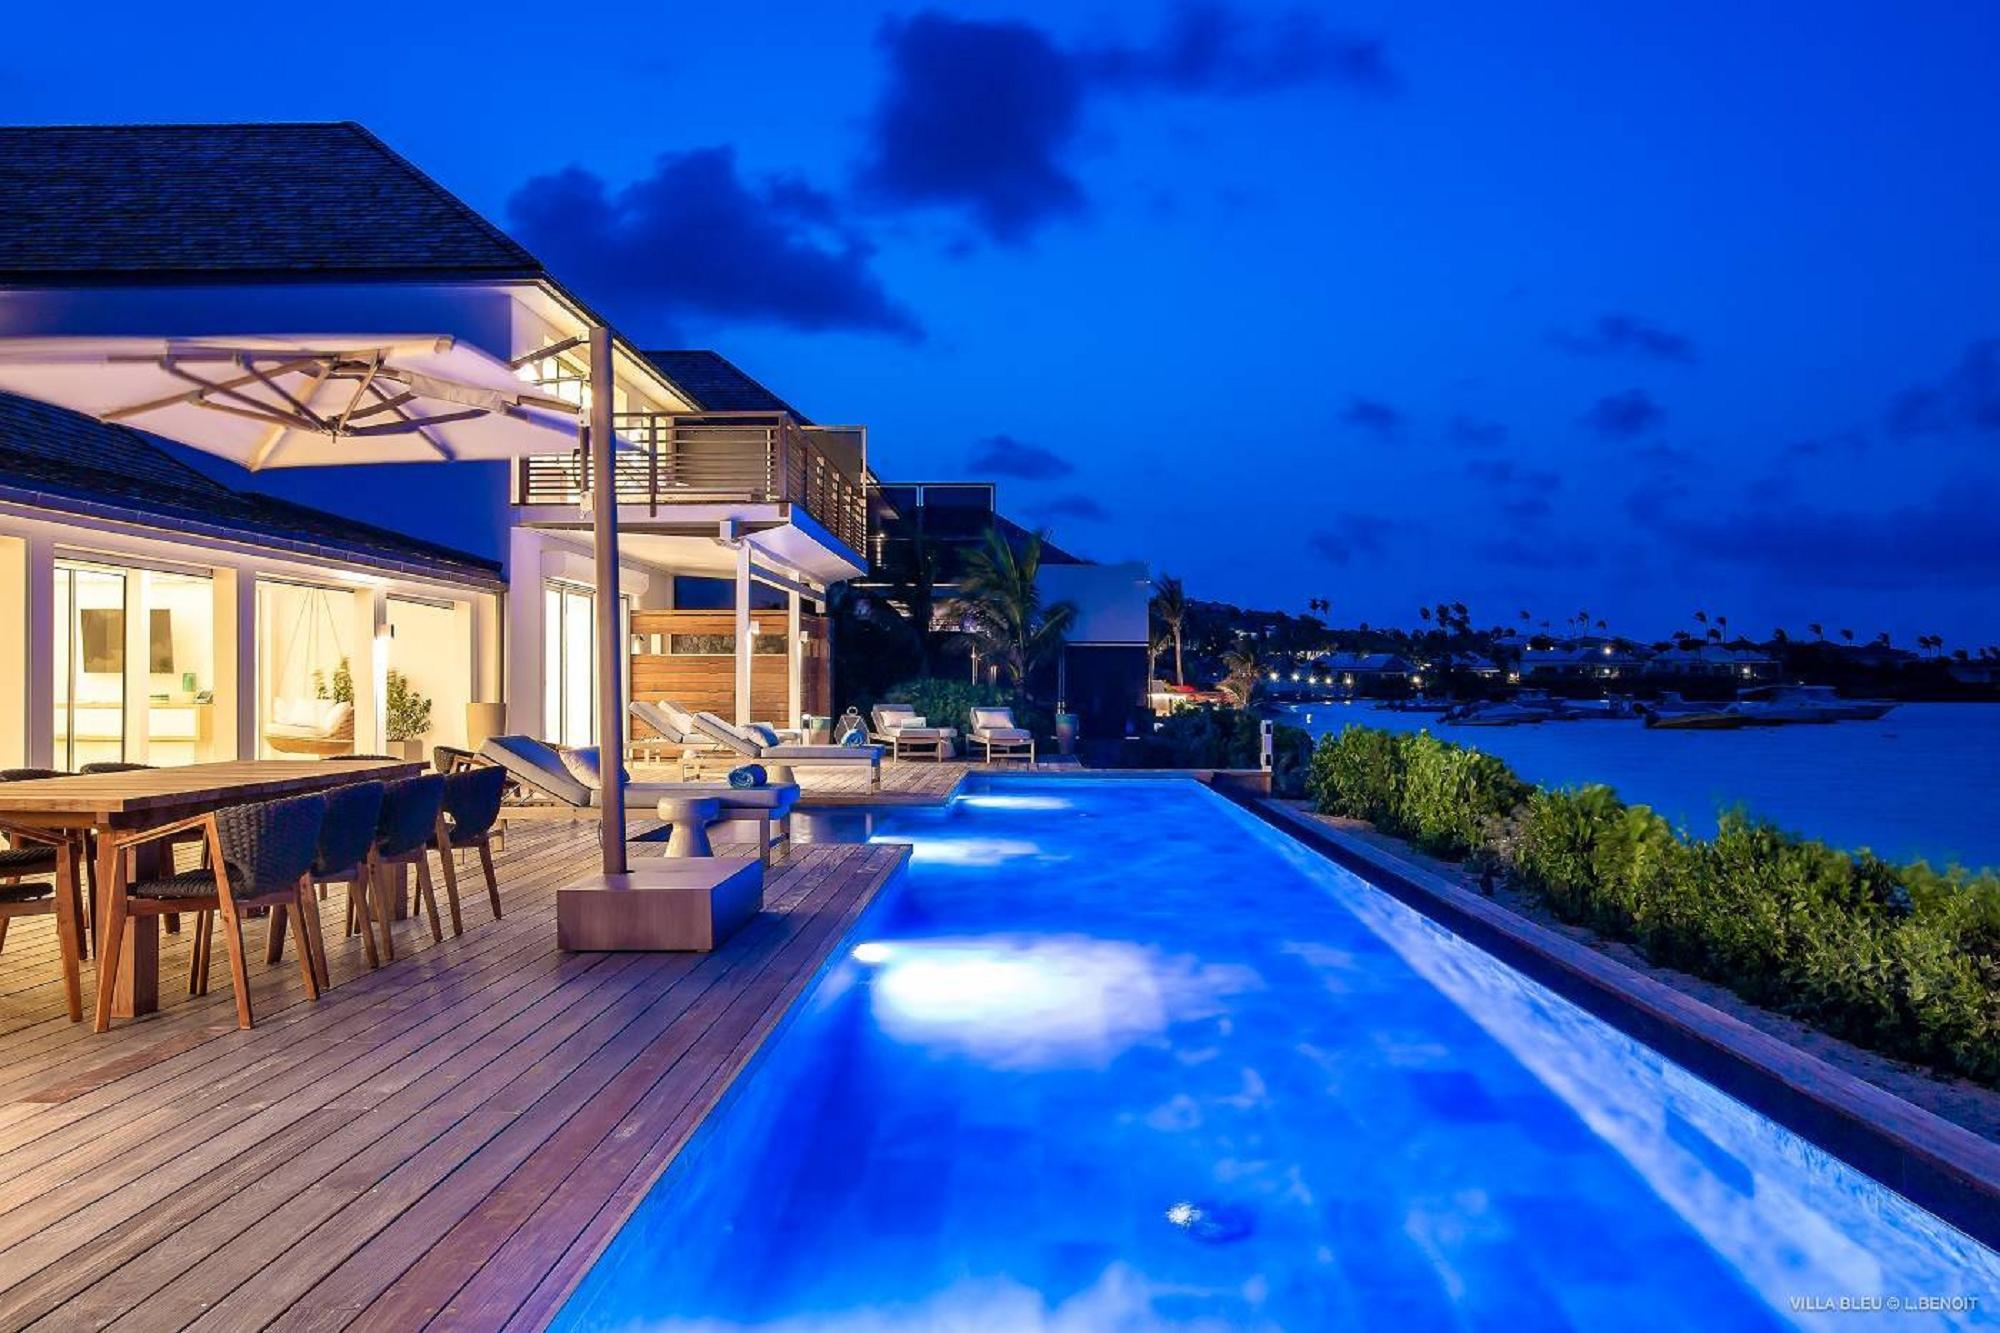 Villa Aqua 6 BR - Grand Cul de Sac, St Barth / St Barts rental For Super Rich